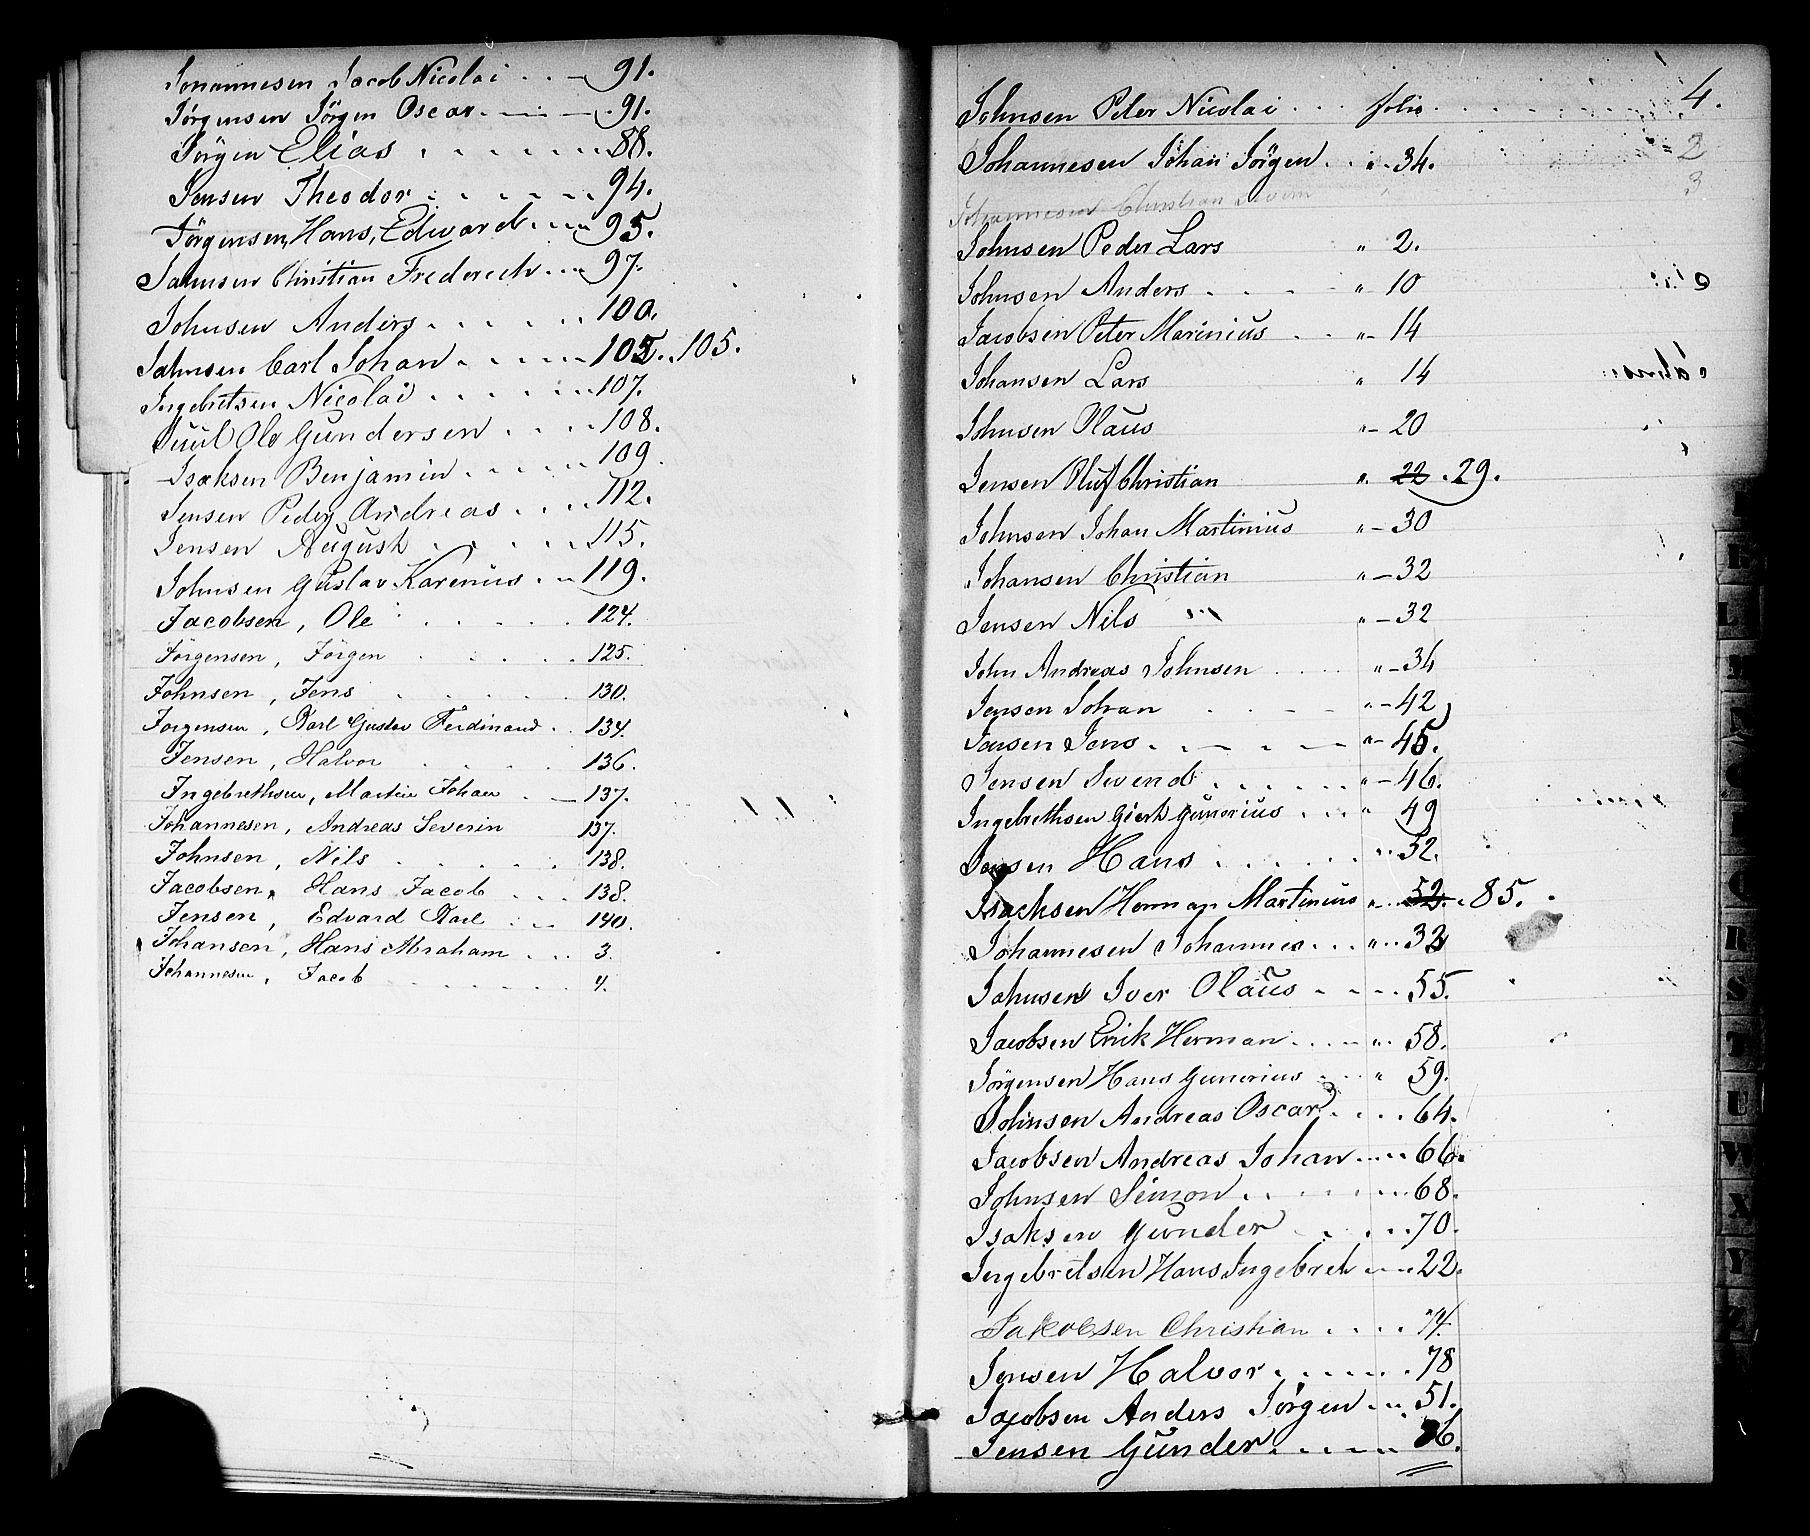 SAKO, Porsgrunn innrulleringskontor, F/Fb/L0001: Annotasjonsrulle, 1860-1868, s. 11